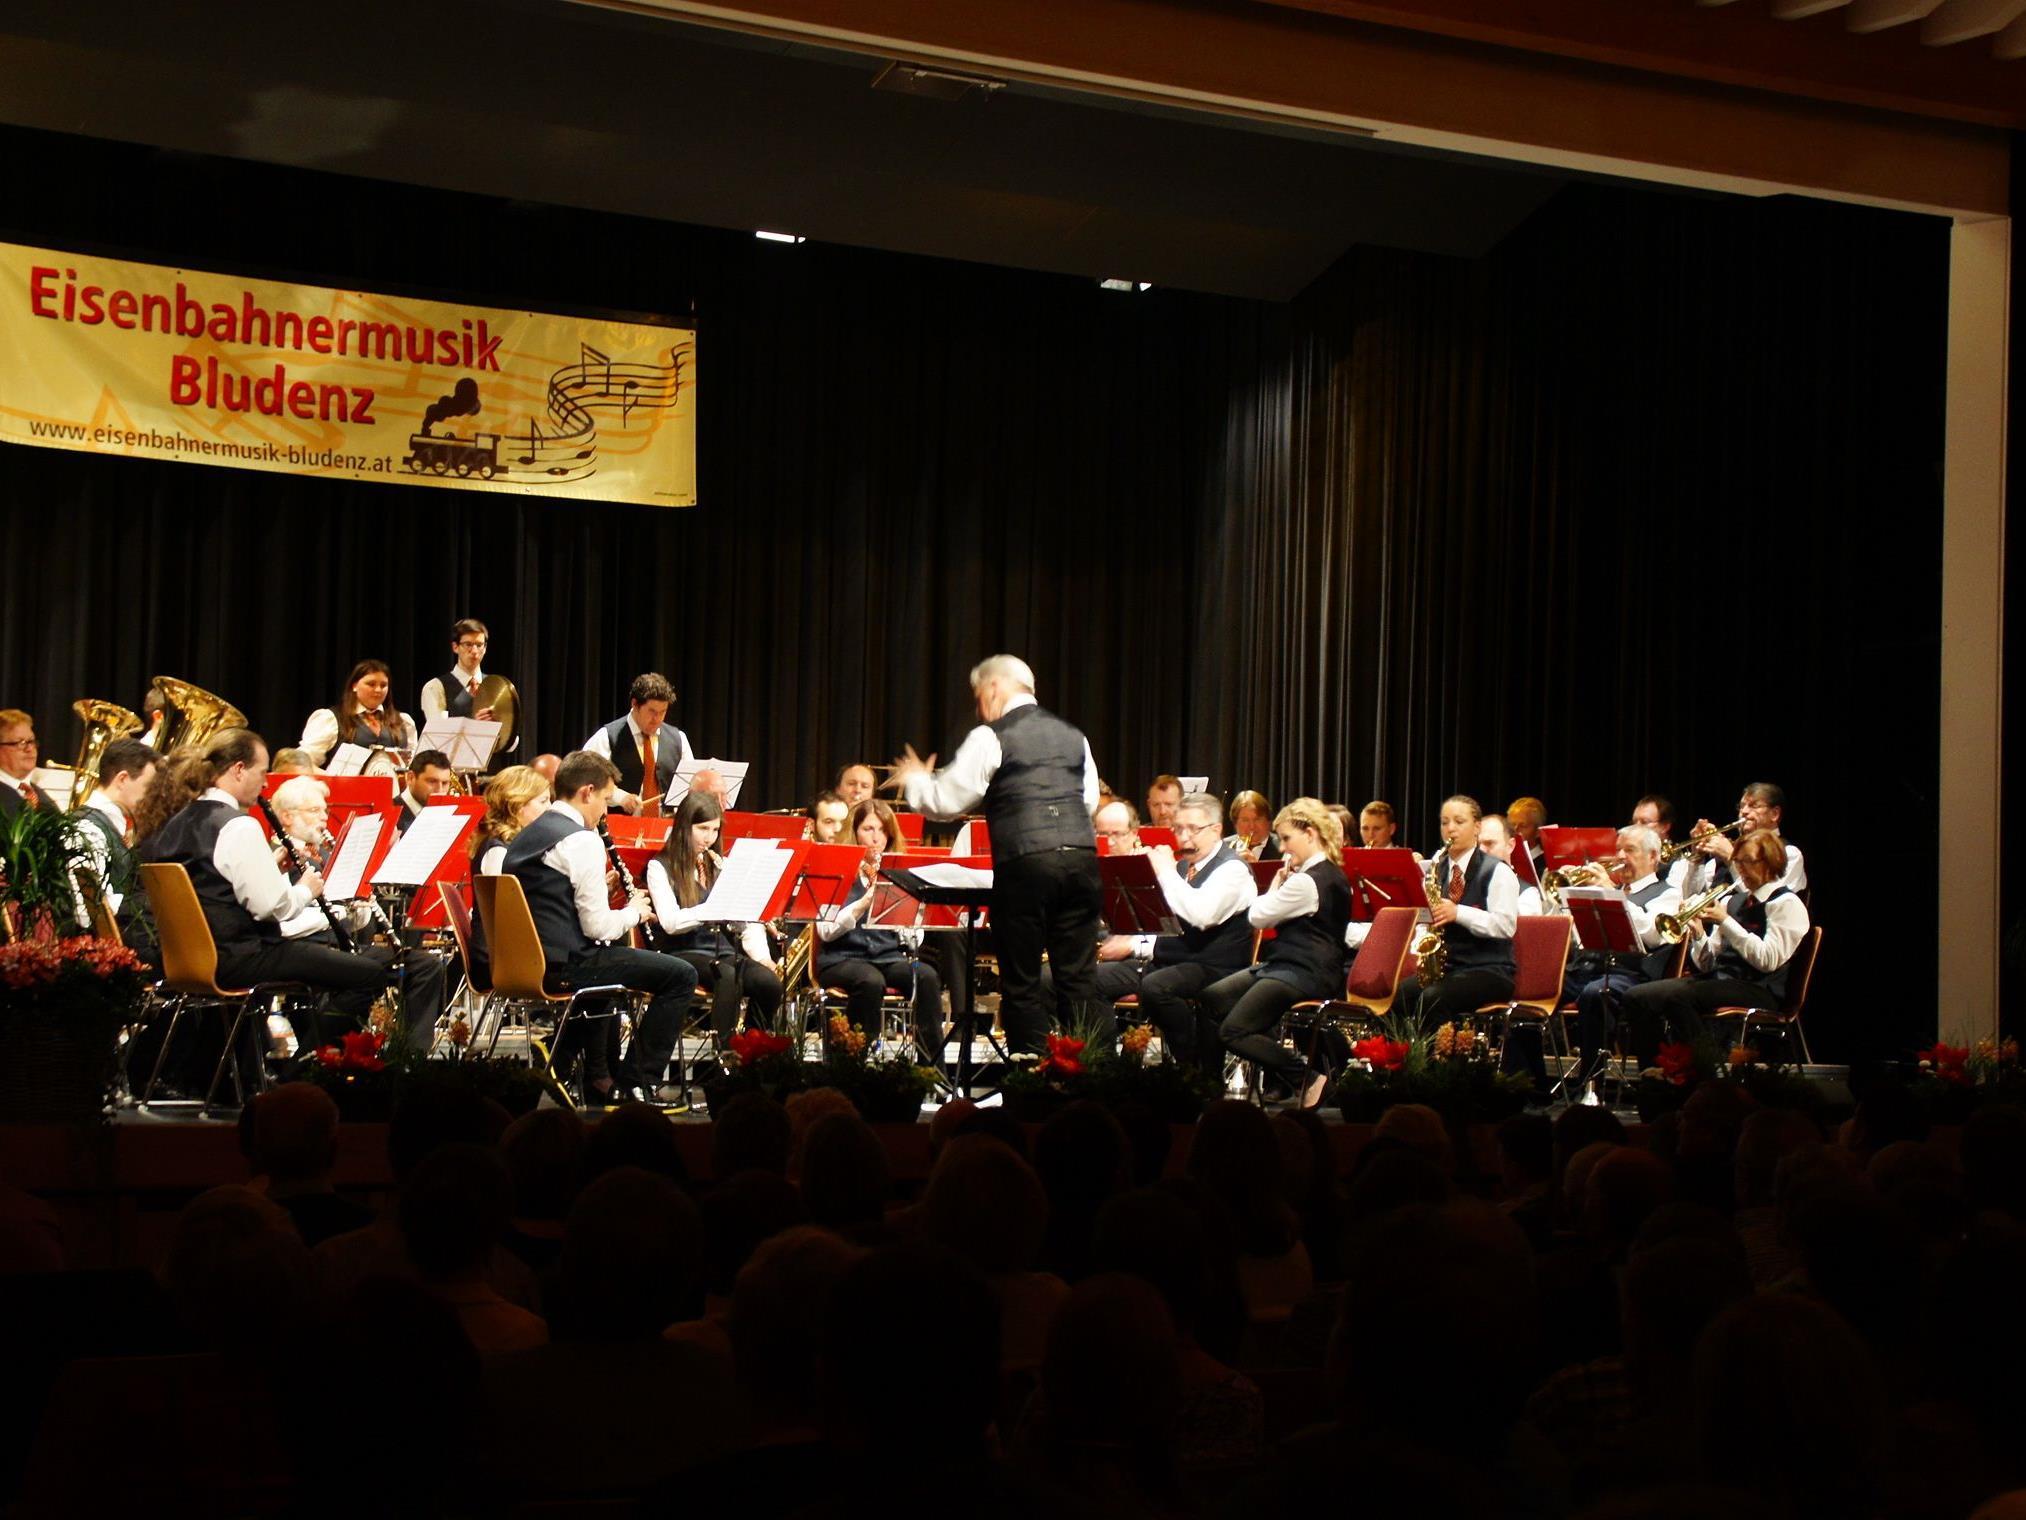 Im Sonnenbergsaal Nüziders spielt die Eisenbahnermusik Bludenz ihr Unterhaltungskonzert am Samstag, 18. März 2017.